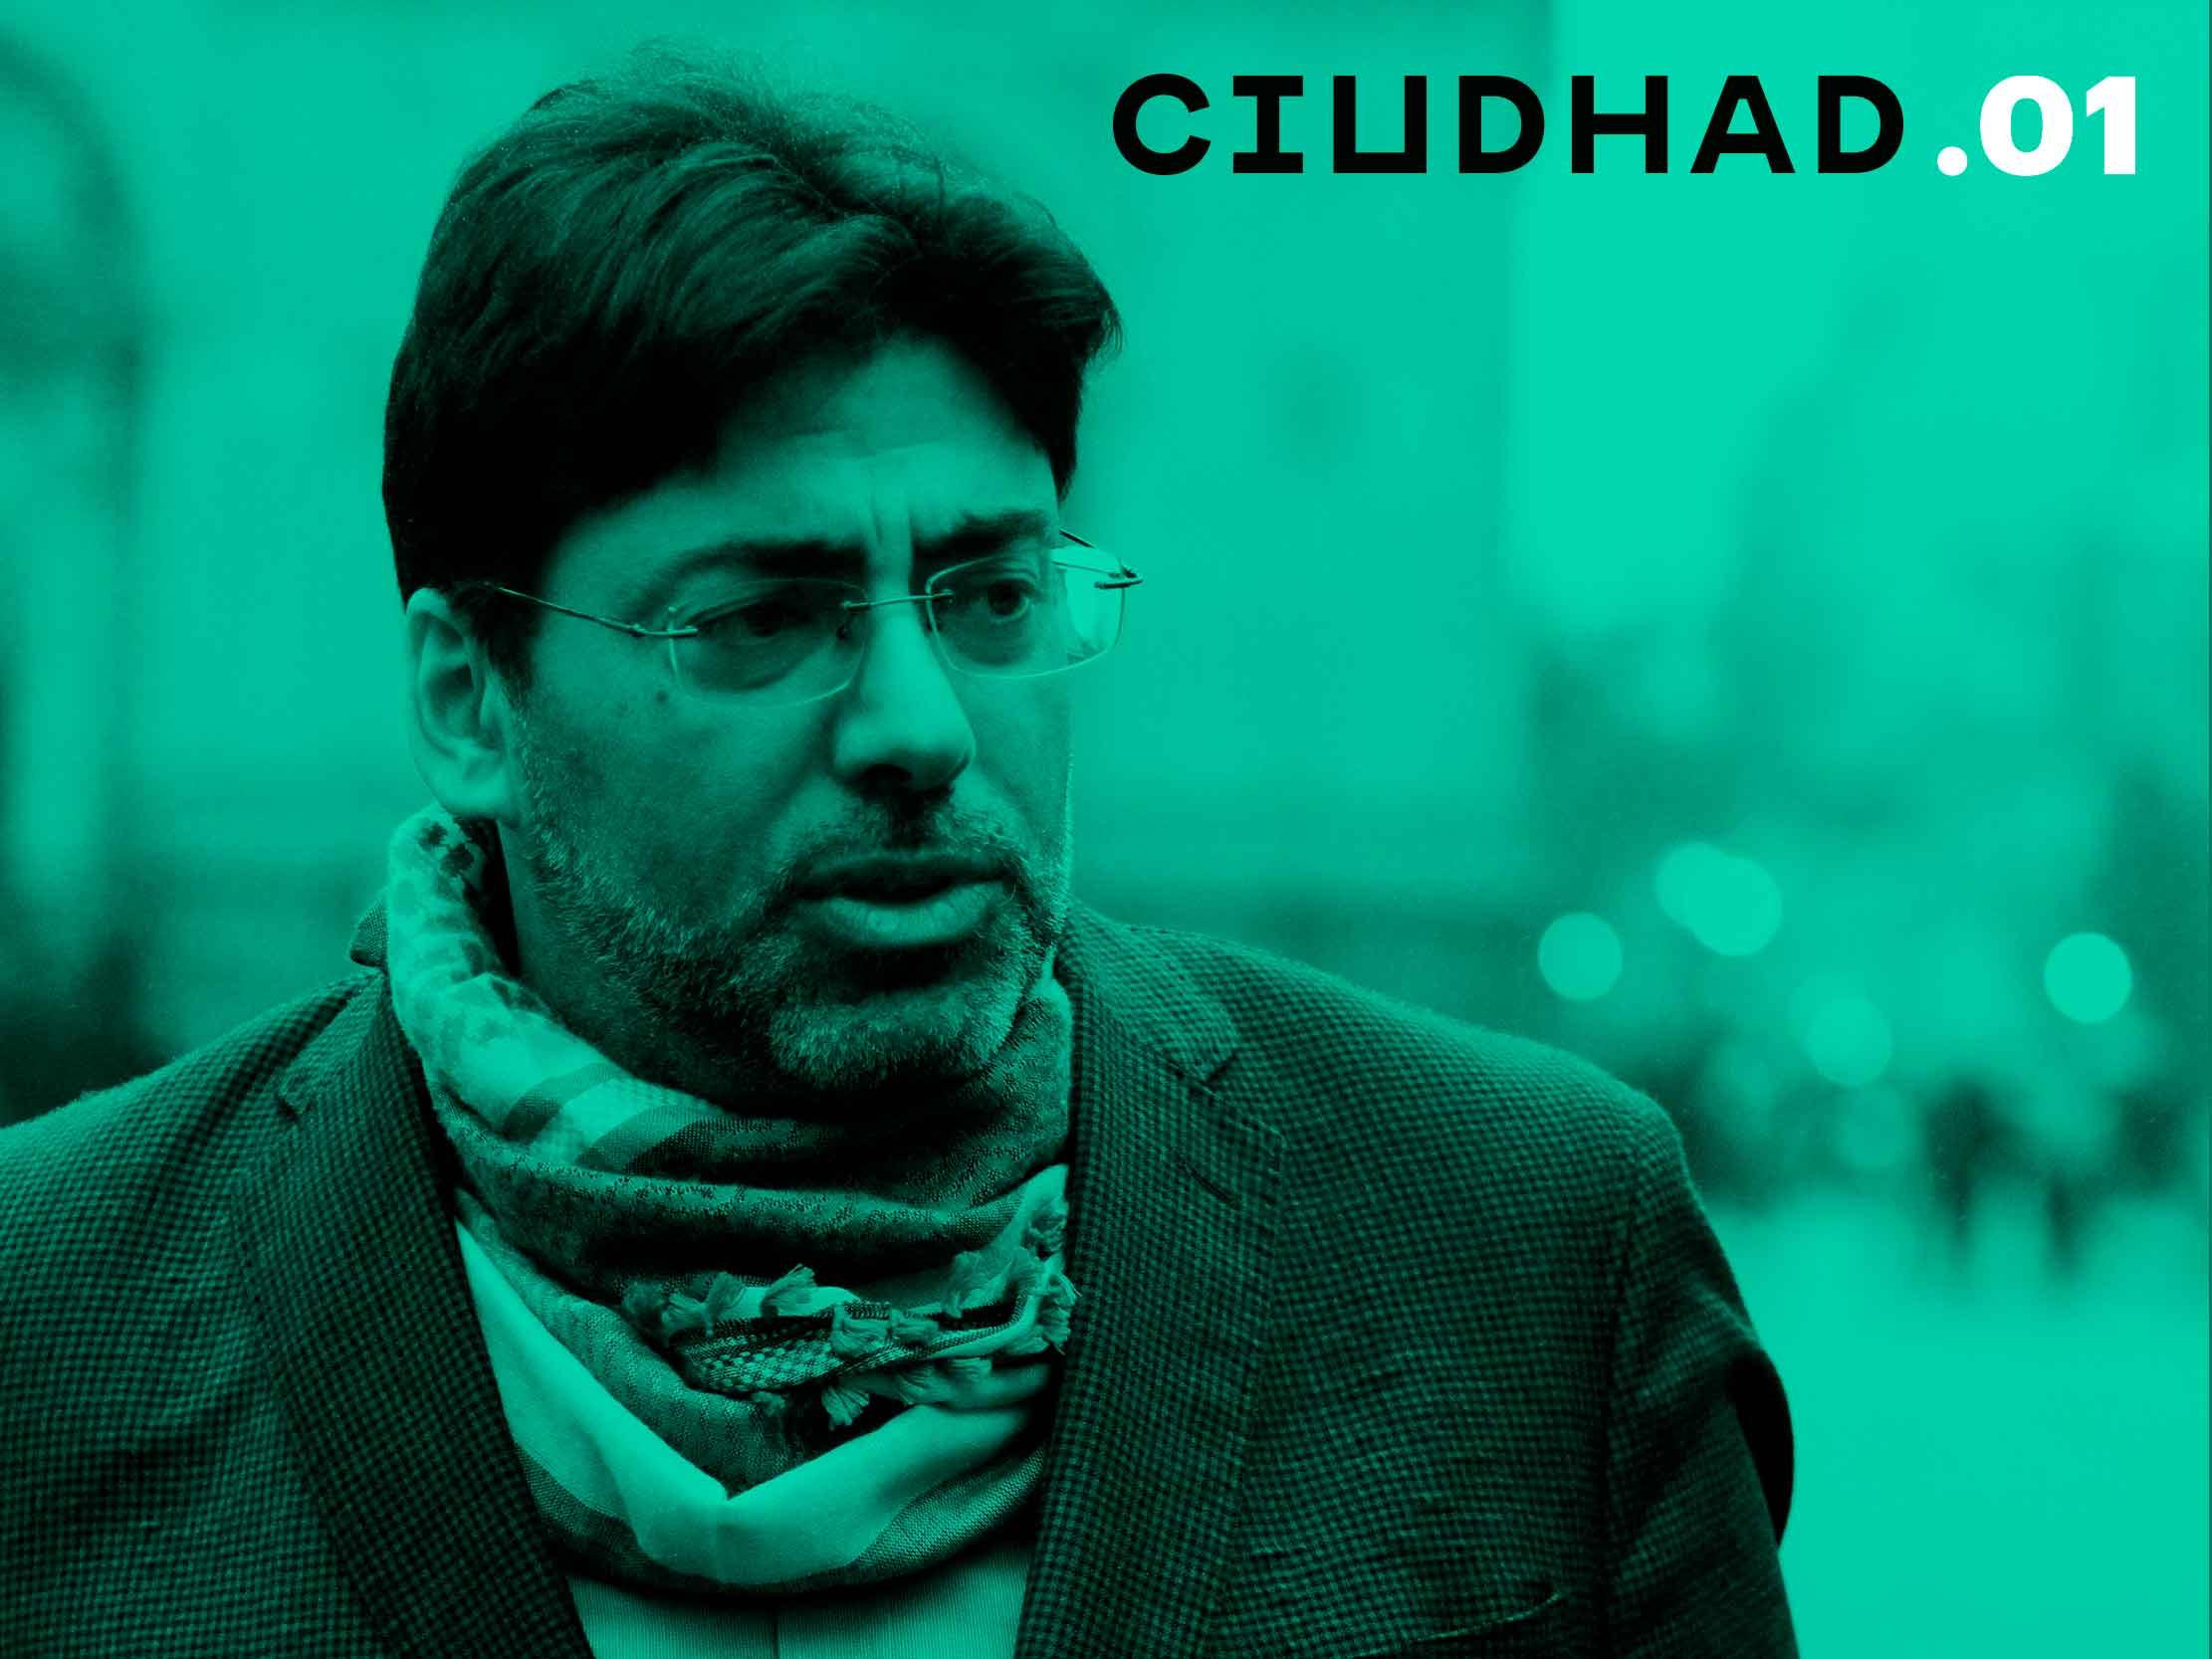 cicli de charlas CIUDHAD